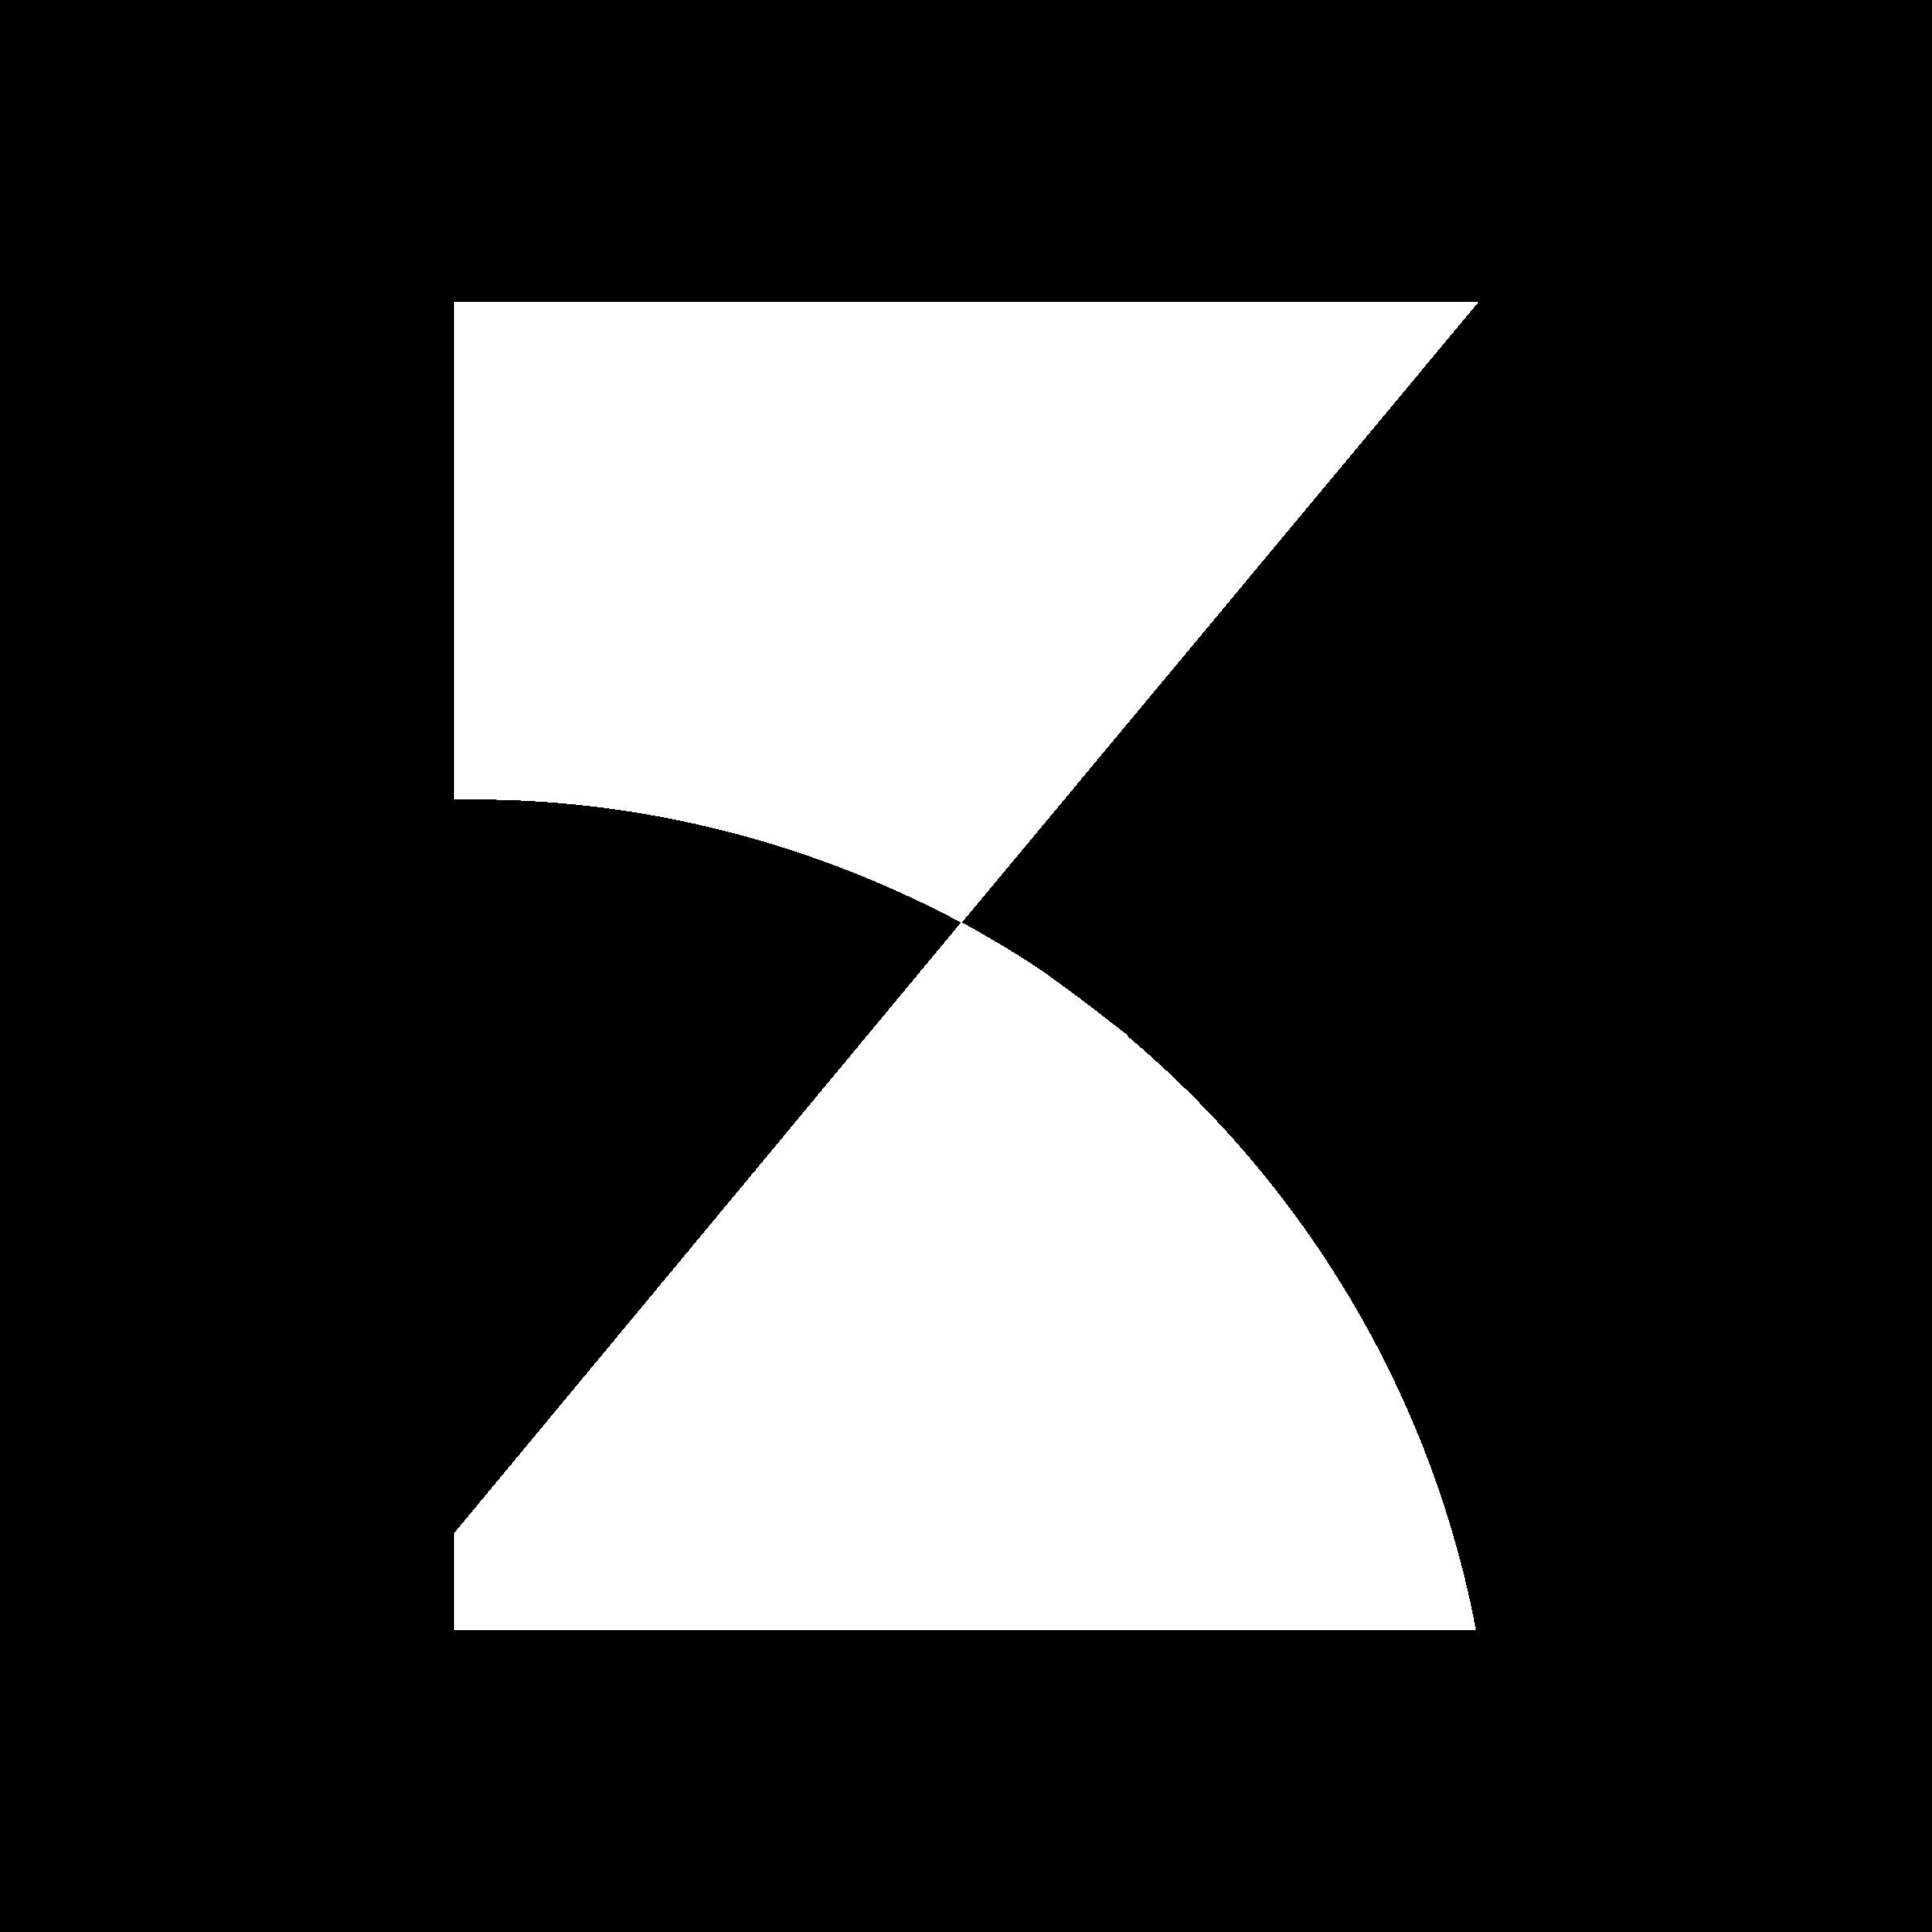 Elastic Kibana Logo PNG Transparent & SVG Vector.